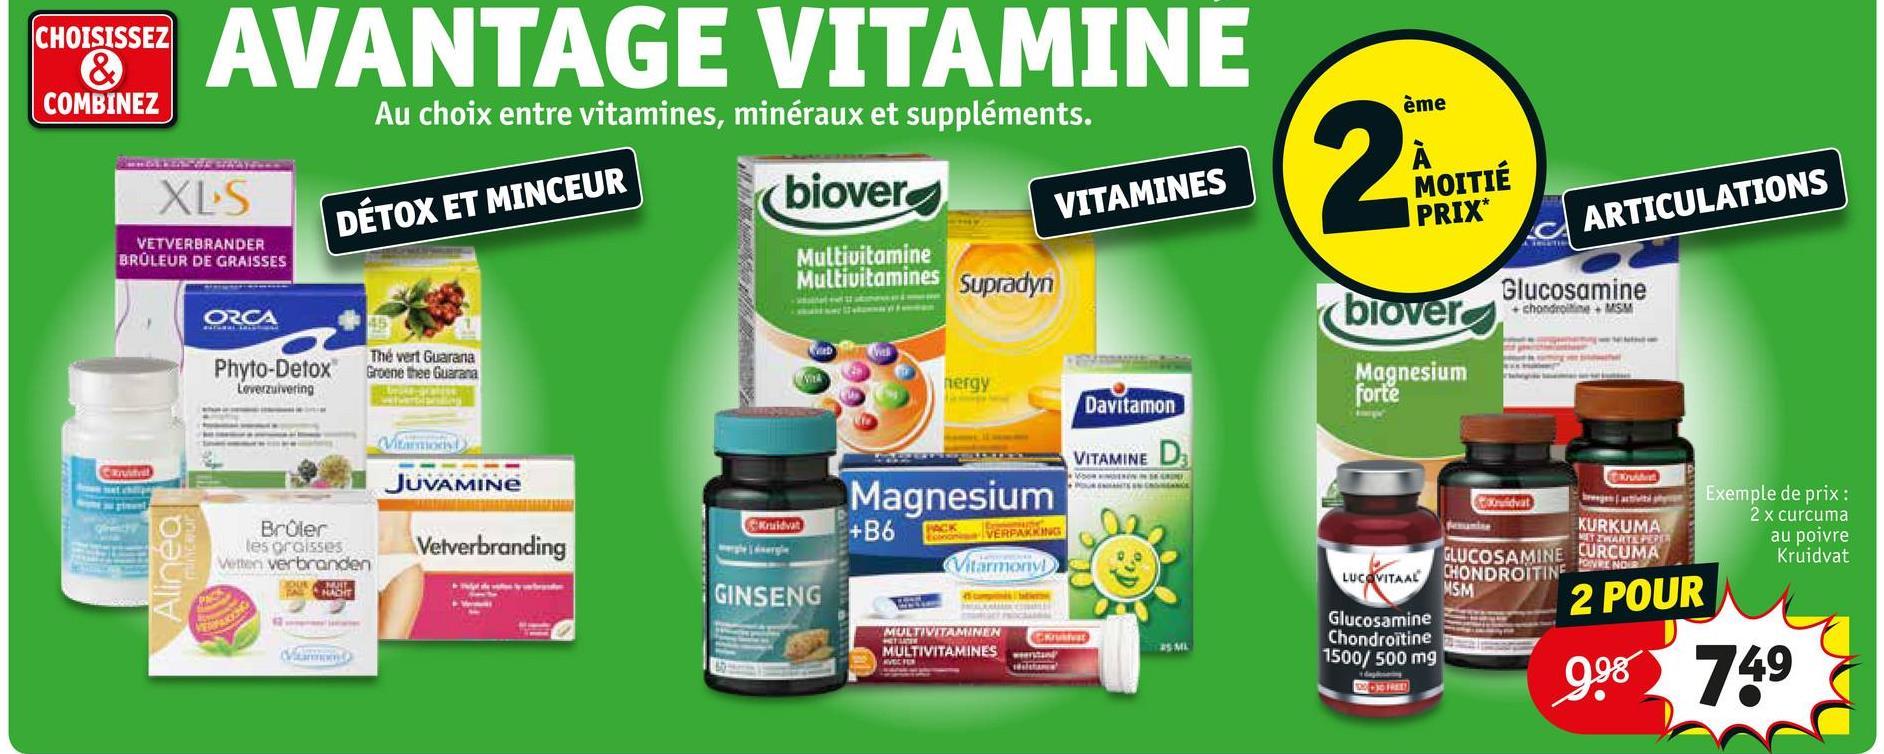 CHOISISSEZ & COMBINEZ ET AVANTAGE VITAMINE Au choix entre vitamines, minéraux et suppléments. ème XLS (biover MOITIÉ VITAMINES DÉTOX ET MINCEUR PRIX* ARTICULATIONS VETVERBRANDER BRULEUR DE GRAISSES Multivitamine Multivitamines Supradyn Glucosamine chondre MSM ORCA (blover Phyto-Detox Leverzuivering Thé vert Guarana Groene thee Guarana nergy Magnesium forte Davitamon VITAMINE NIN JUVAMINE Magnesium Kruidvat +B6 (cK VERFARING hat Brûler les orcisses Woon verbranden USE Exemple de prix : 2 x curcuma au poivre Kruidvat KURKUMA IZARTE PER GLUCOSAMINE CURCUMA CHONDROITINE NE POVRENOS Velverbranding Vilarmony LỰCONTAL MSM GINSENG 2 POUR TV MULTIVITAMINEN TIL MULTIVITAMINES Glucosamine Chondroitine 1500/ 500 mg 998 749